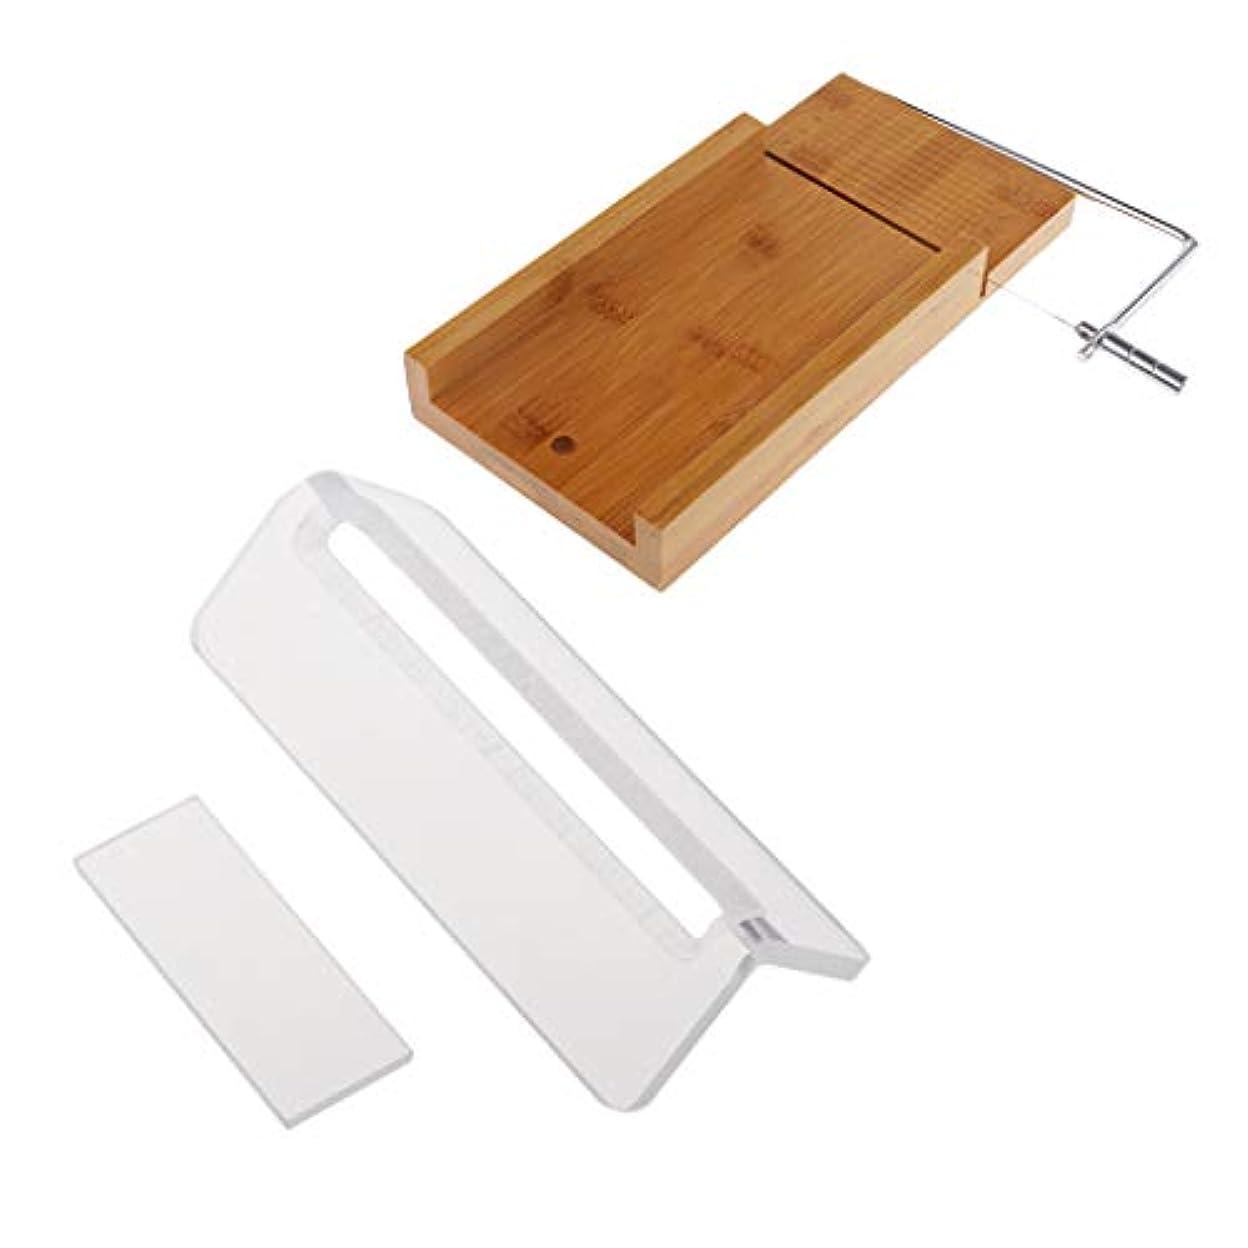 番目襟シャッフル石鹸カッター 木製 ローフカッター チーズカッター ソープカッター ステンレス鋼線 2個入り